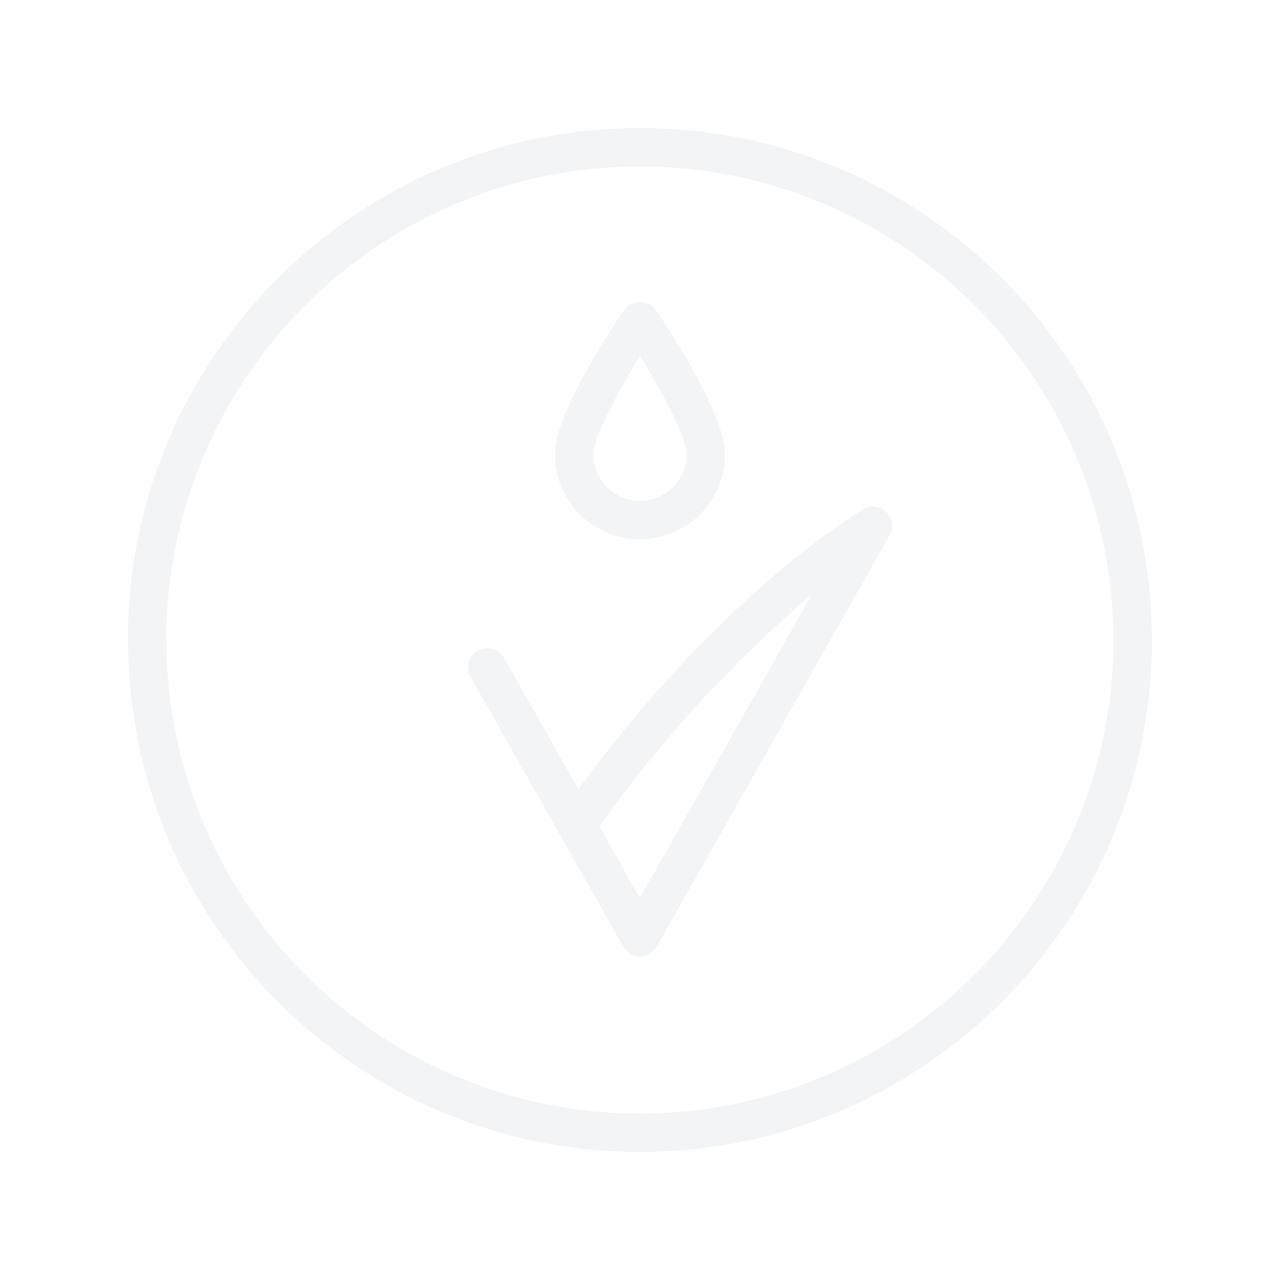 IDUN Minerals Quattro Eyeshadow Brunkulla 4g